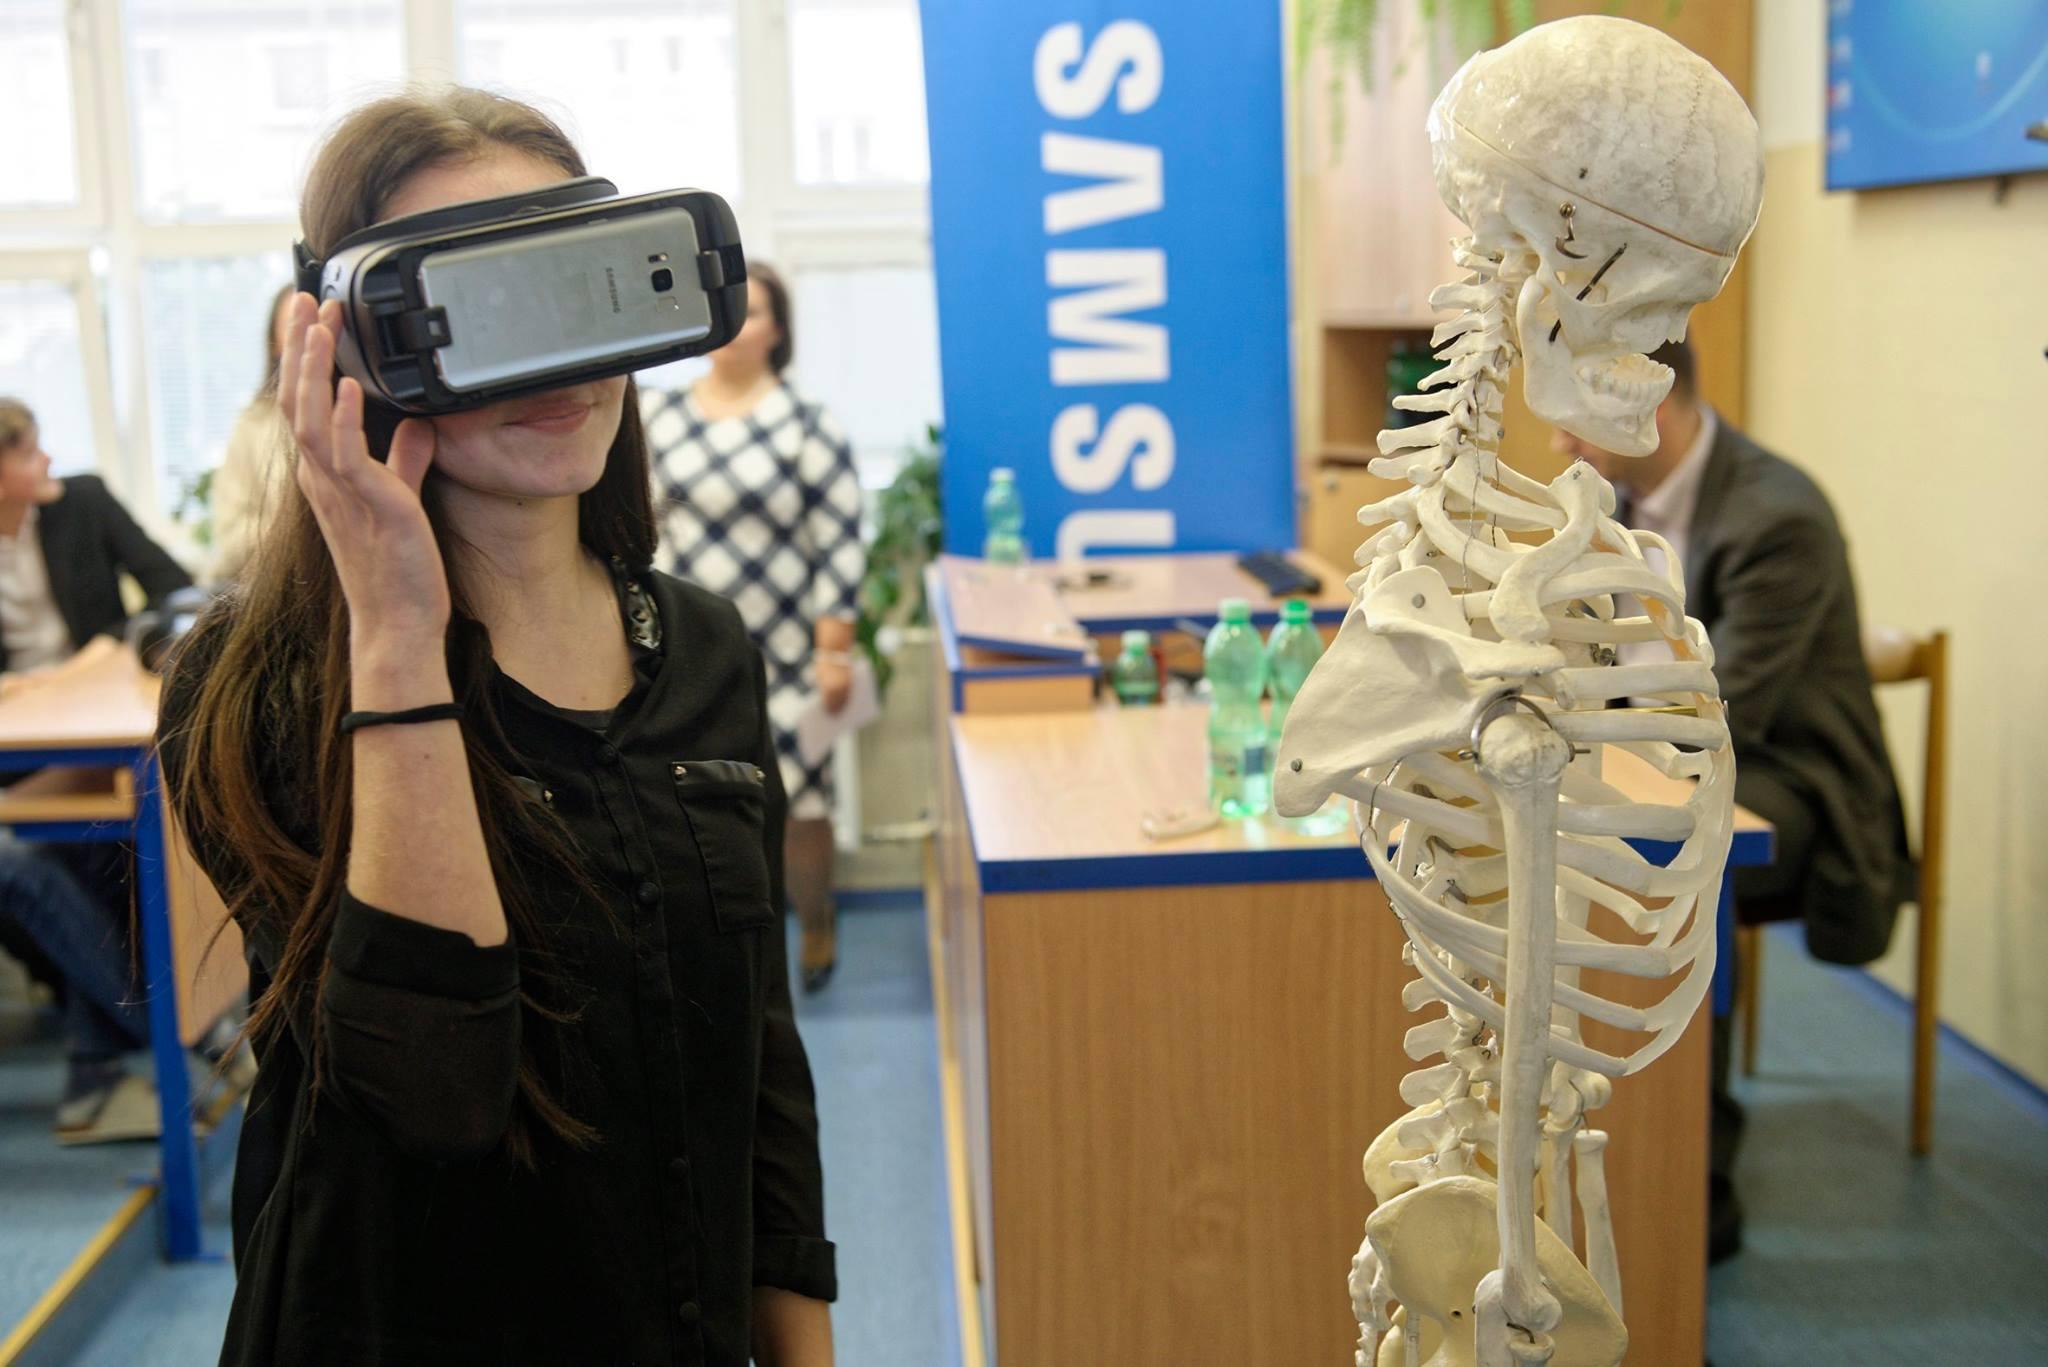 Studenti si mohou díky aplikaci VAU zobrazit lidské tělo ve 3D